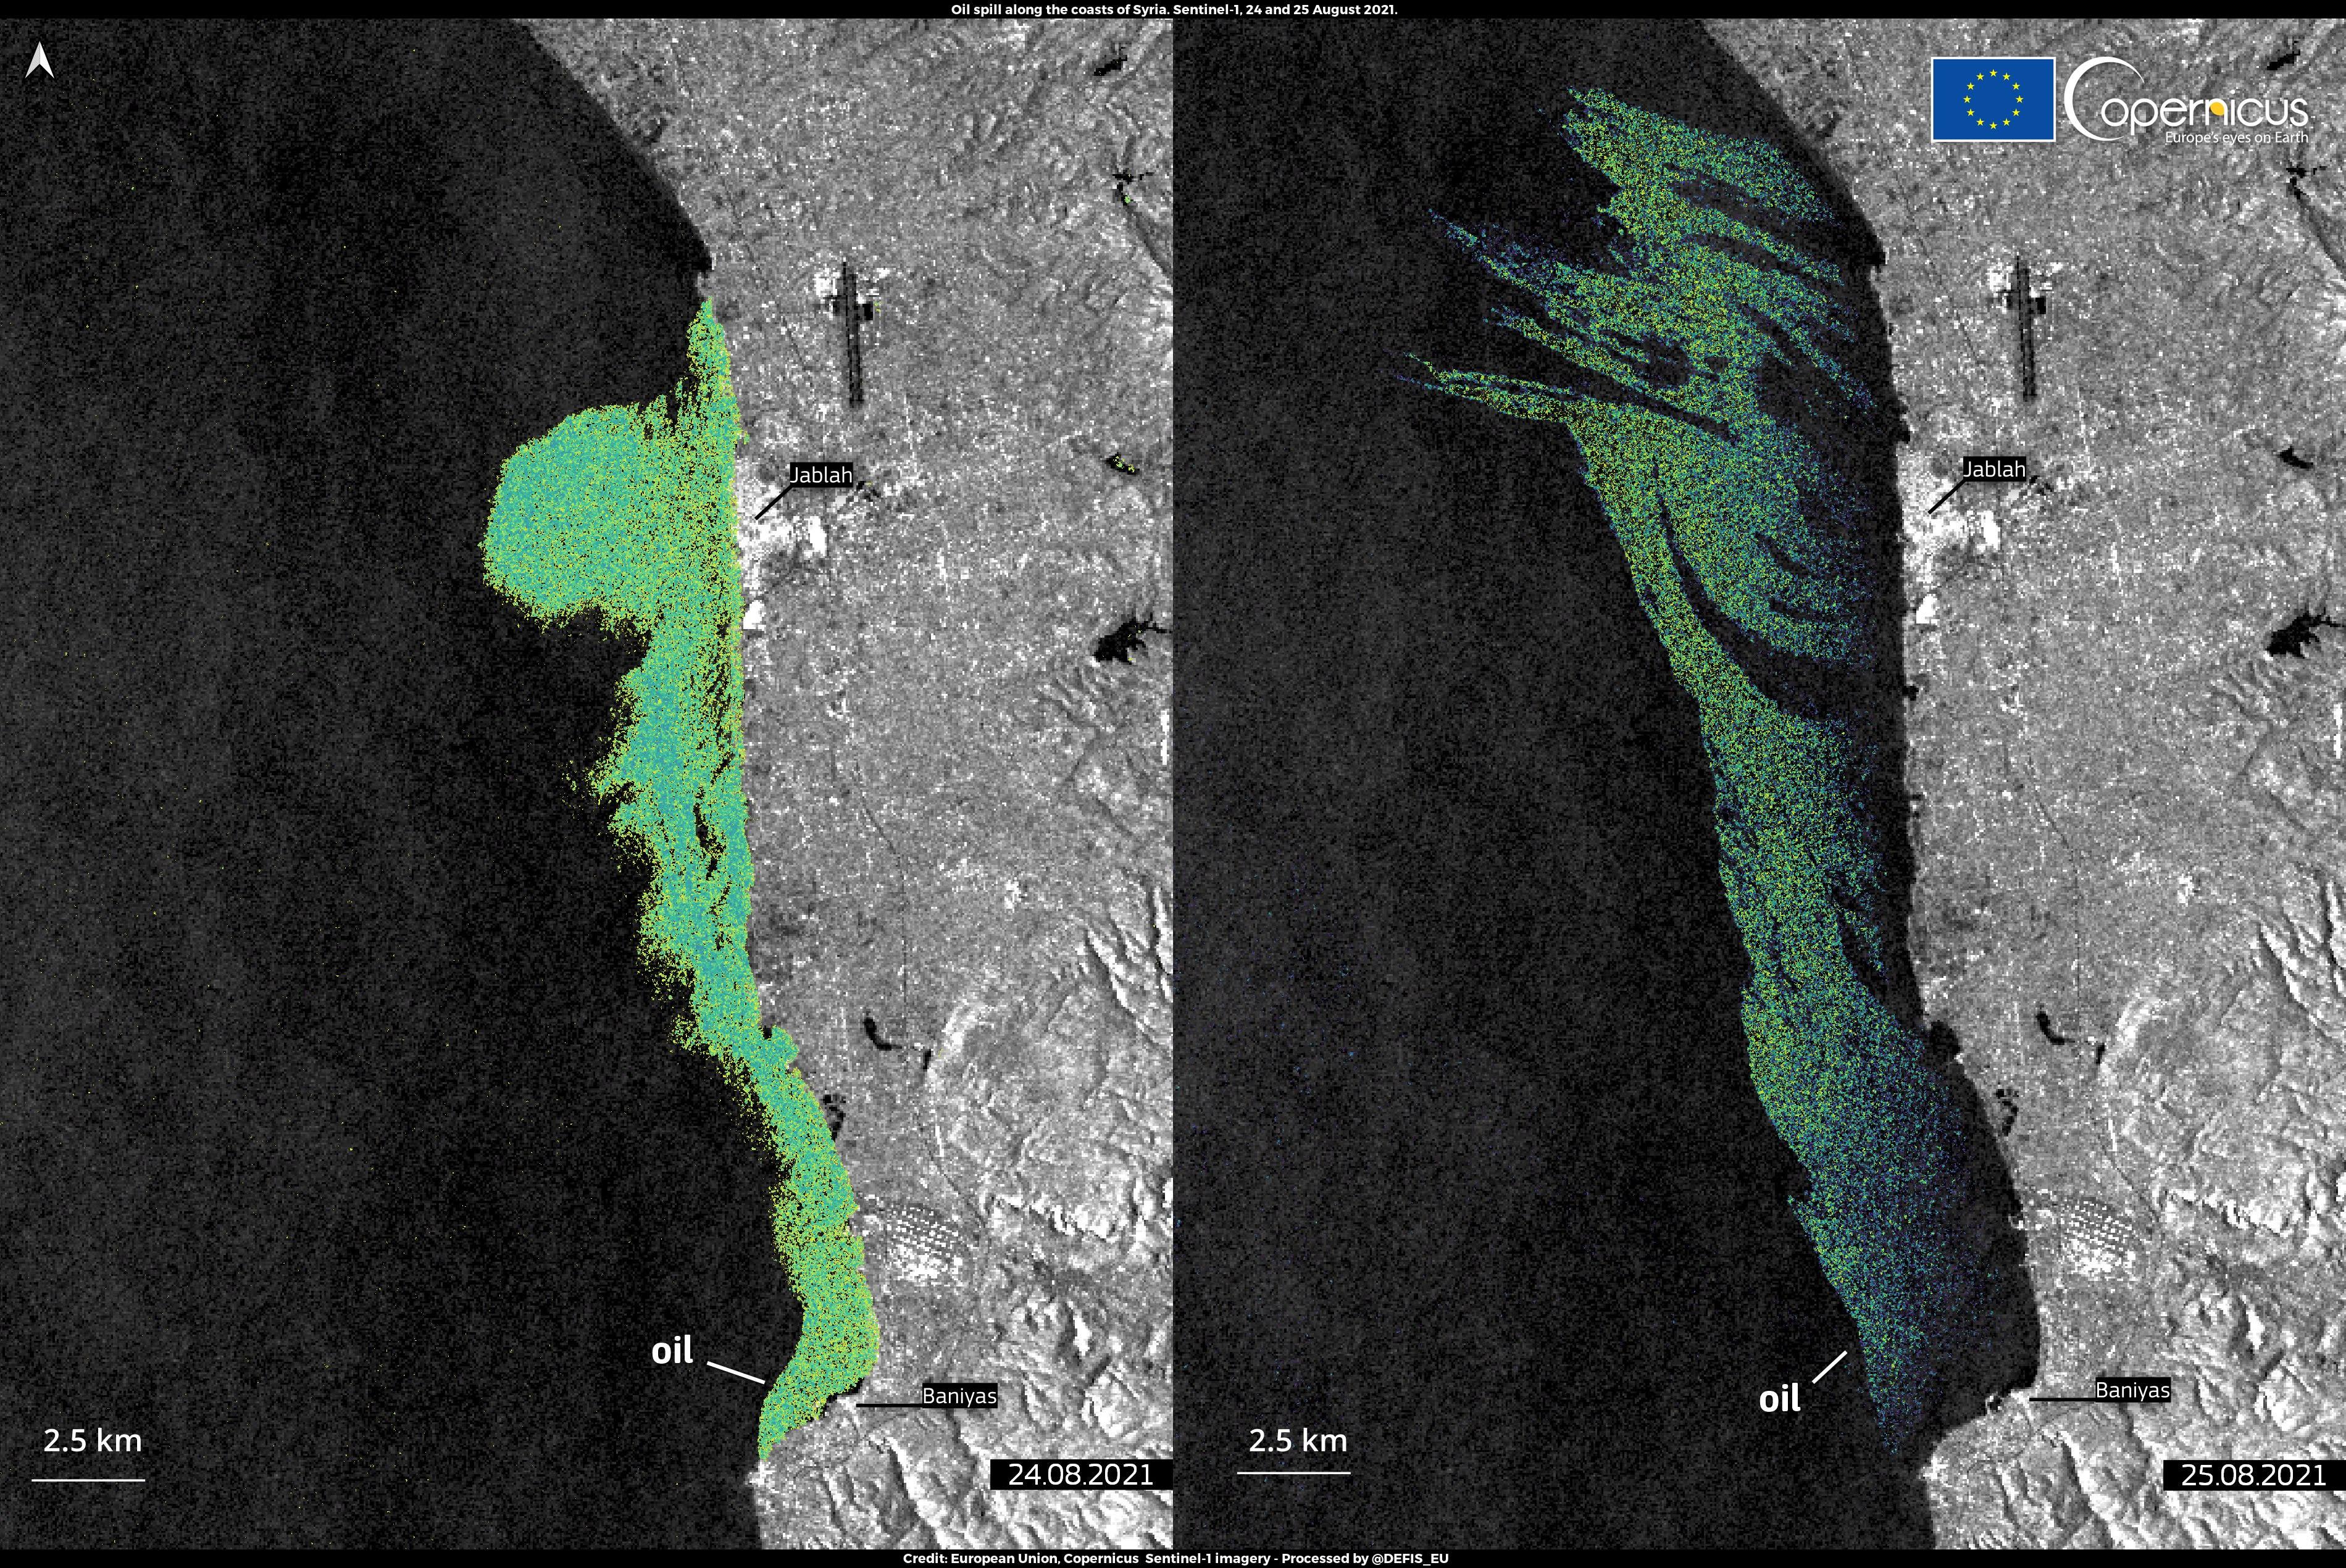 Suriye petrol sızıntısı uydu görüntülerinde, Kaynak: Copernicus